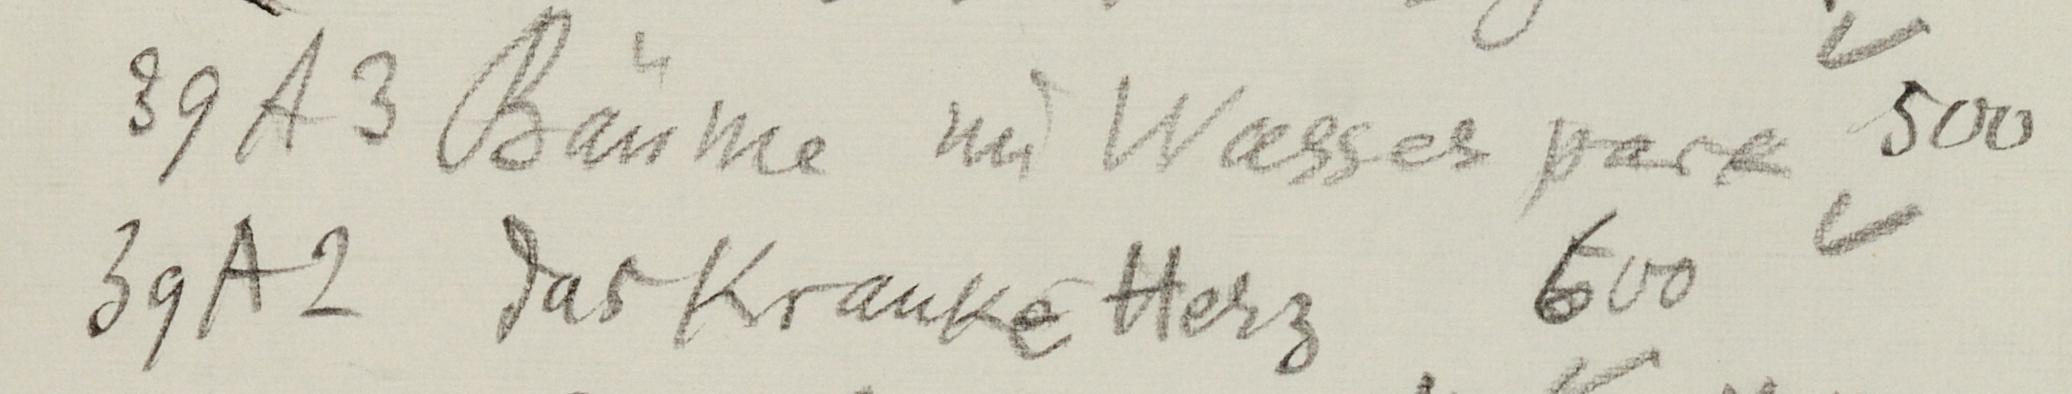 Abb. 3  Werkliste von Paul Klee: X. Sendung von Kahnweiler an Nierendorf, [17.11.1939], Zentrum Paul Klee, Bern, Schenkung Familie Klee  © Zentrum Paul Klee, Bern, Archiv